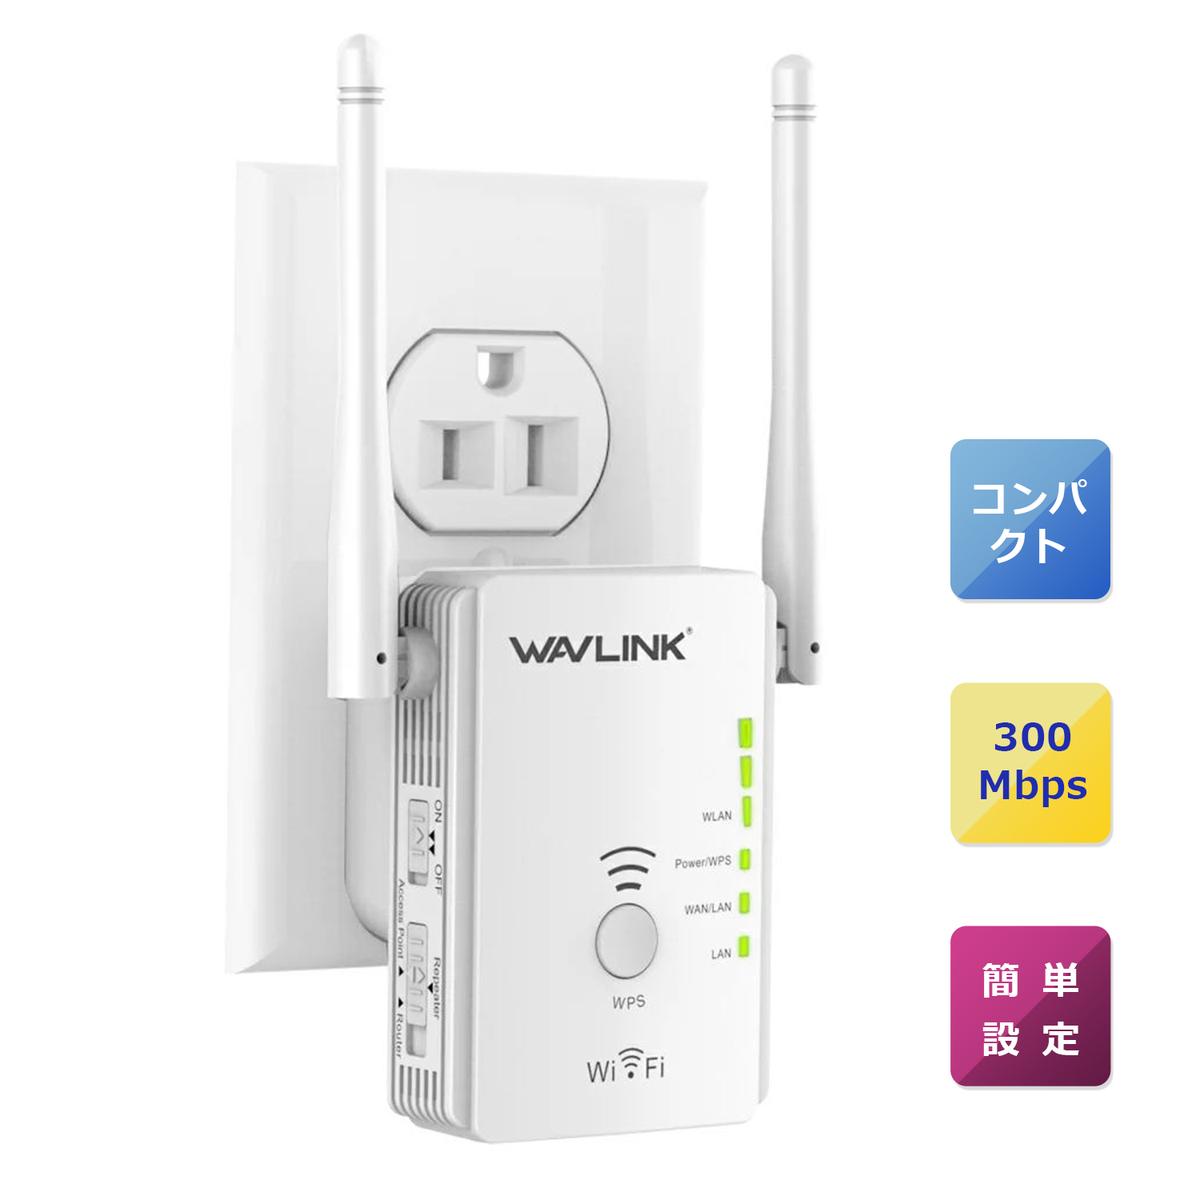 送料無料 WAVLINK 2年保証 300Mbps 無線LAN中継器 Wifiブースター信号増幅器 高品質新品 外部アンテナ付き WIFI中継機 コンセント直挿し Seasonal Wrap入荷